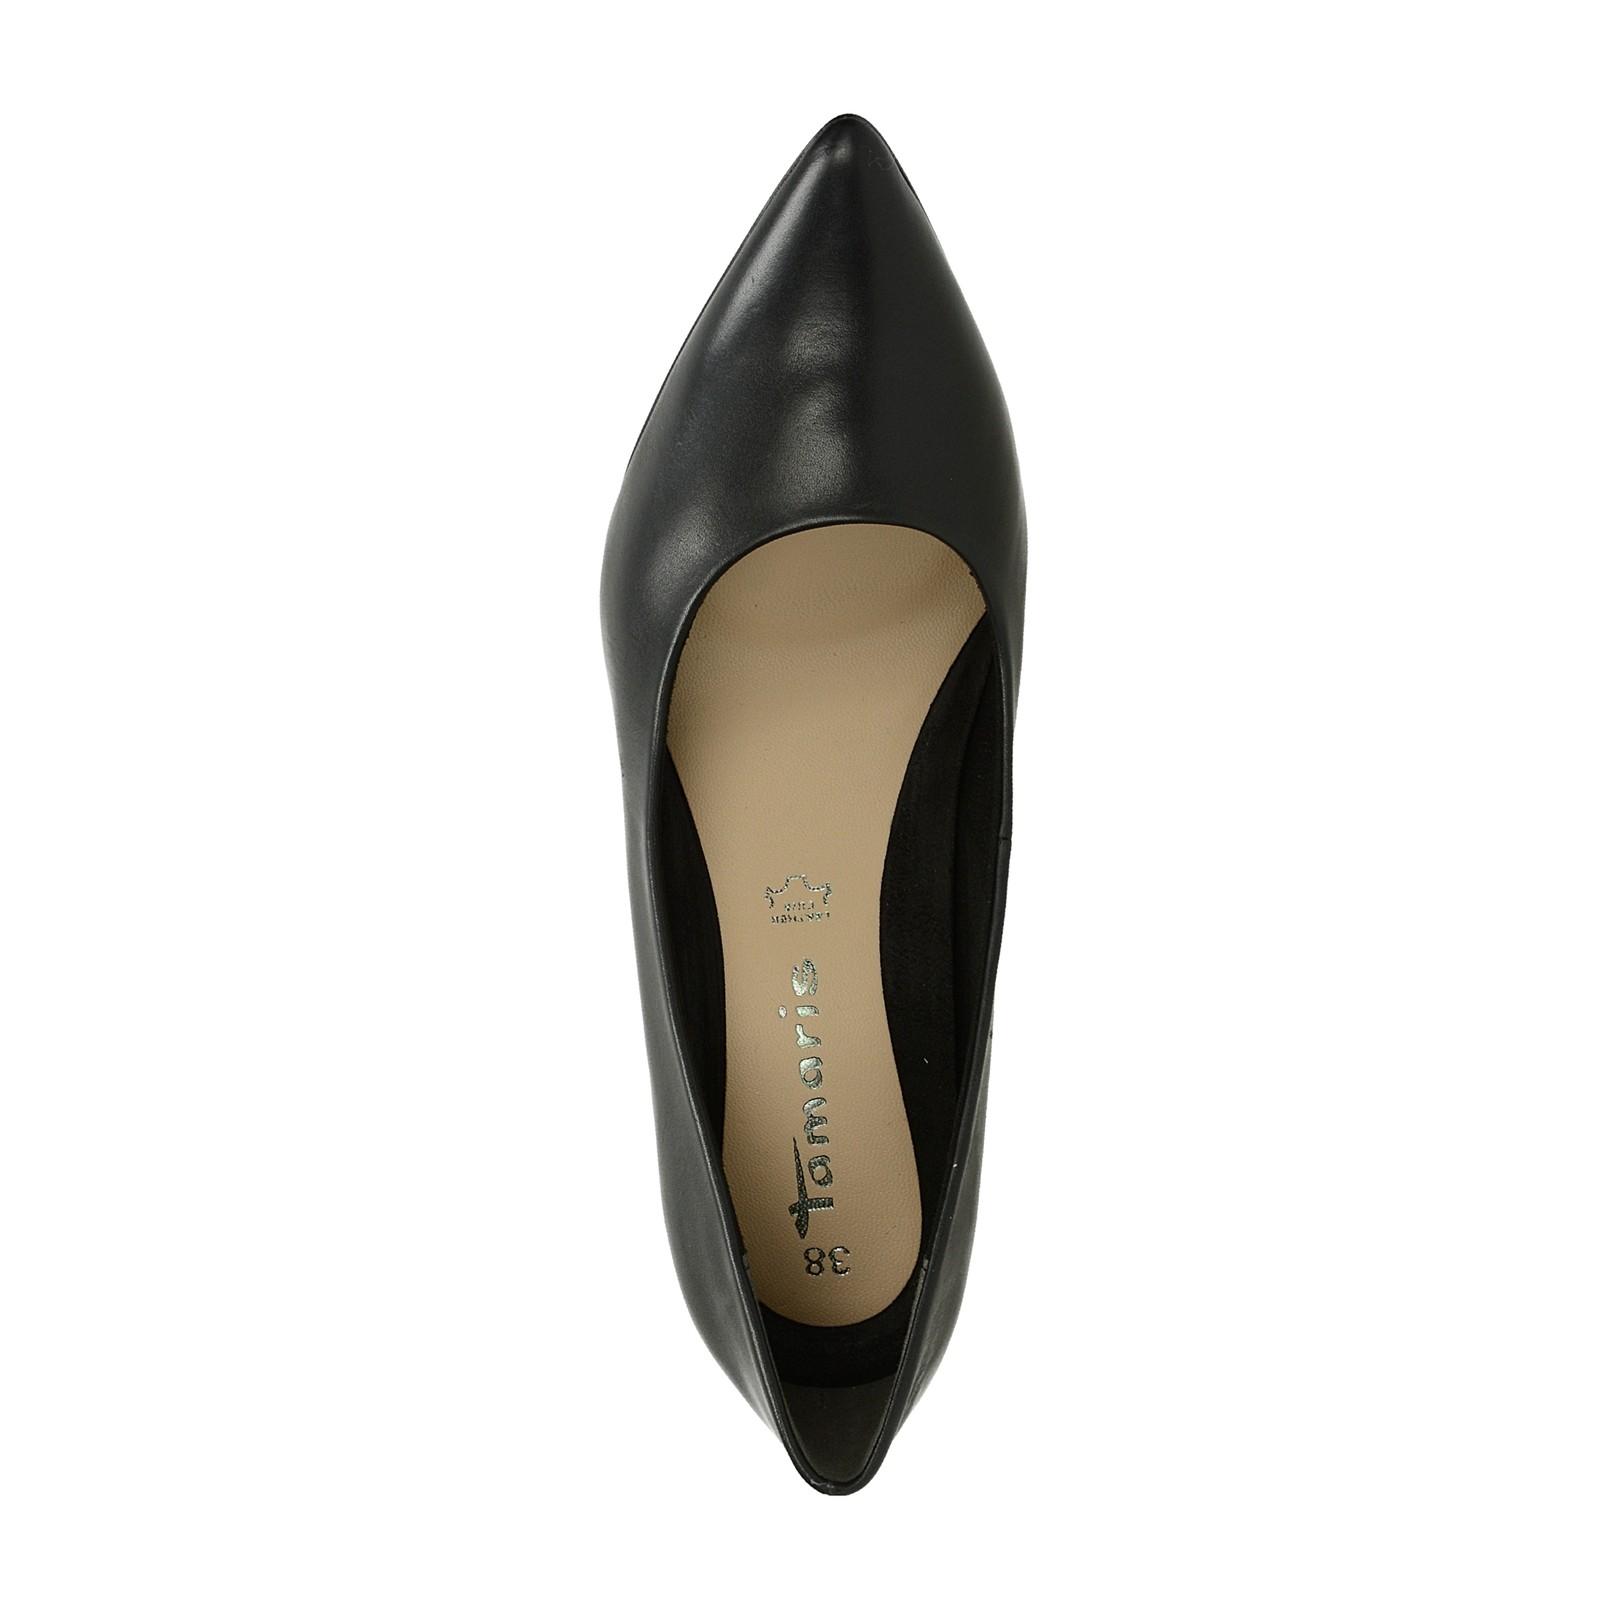 a95d4afc4c9 Dámské boty. Tamaris dámské kožené lodičky - černé ...